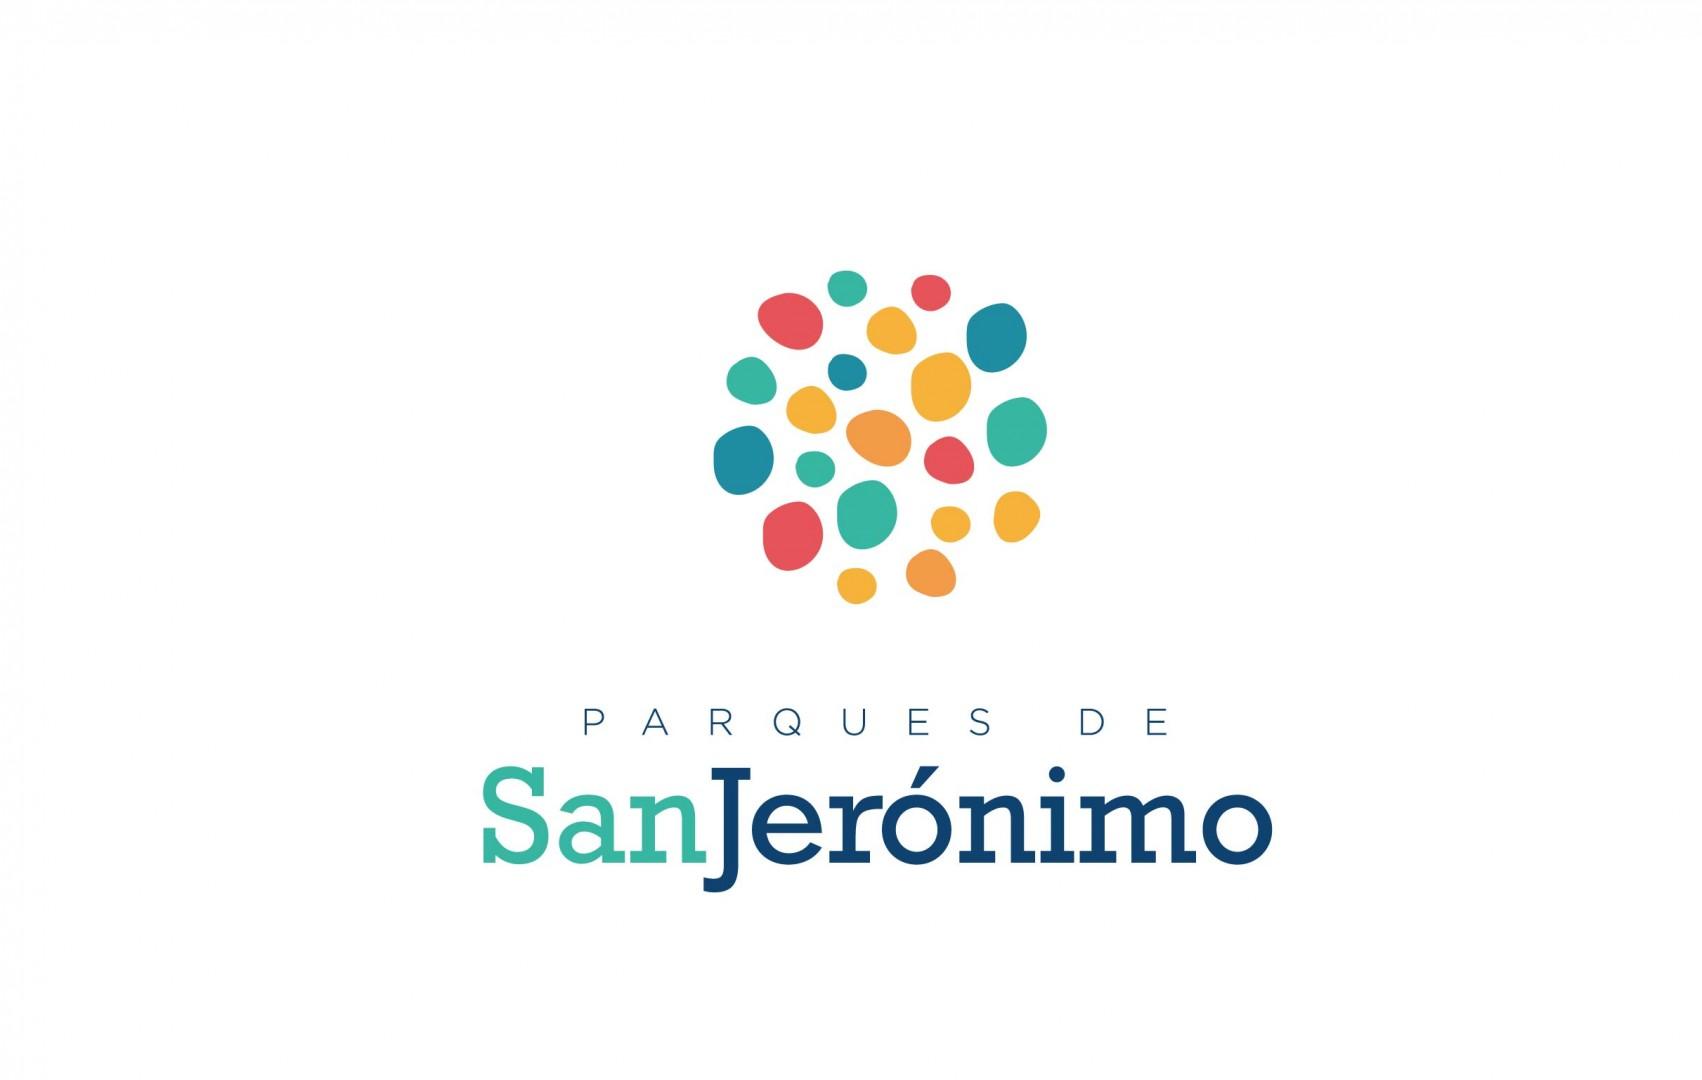 PARQUES DE SAN JERÓNIMO